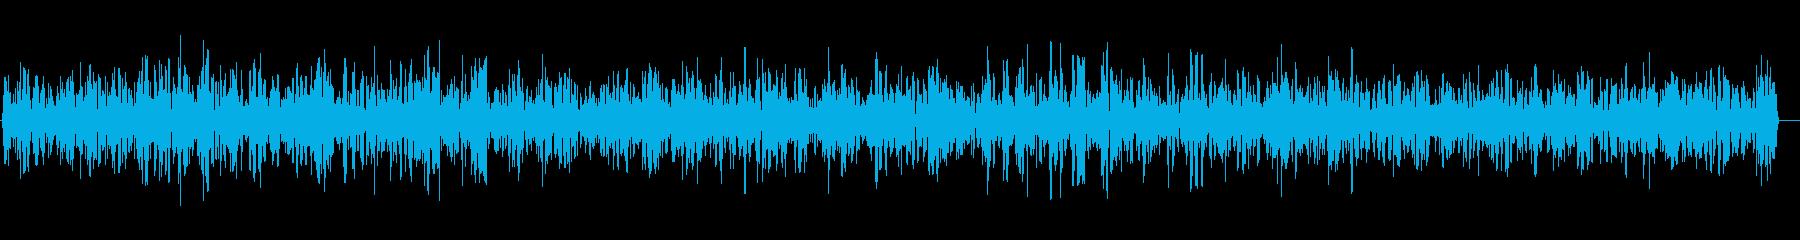 ザワザワ(工場など)の再生済みの波形